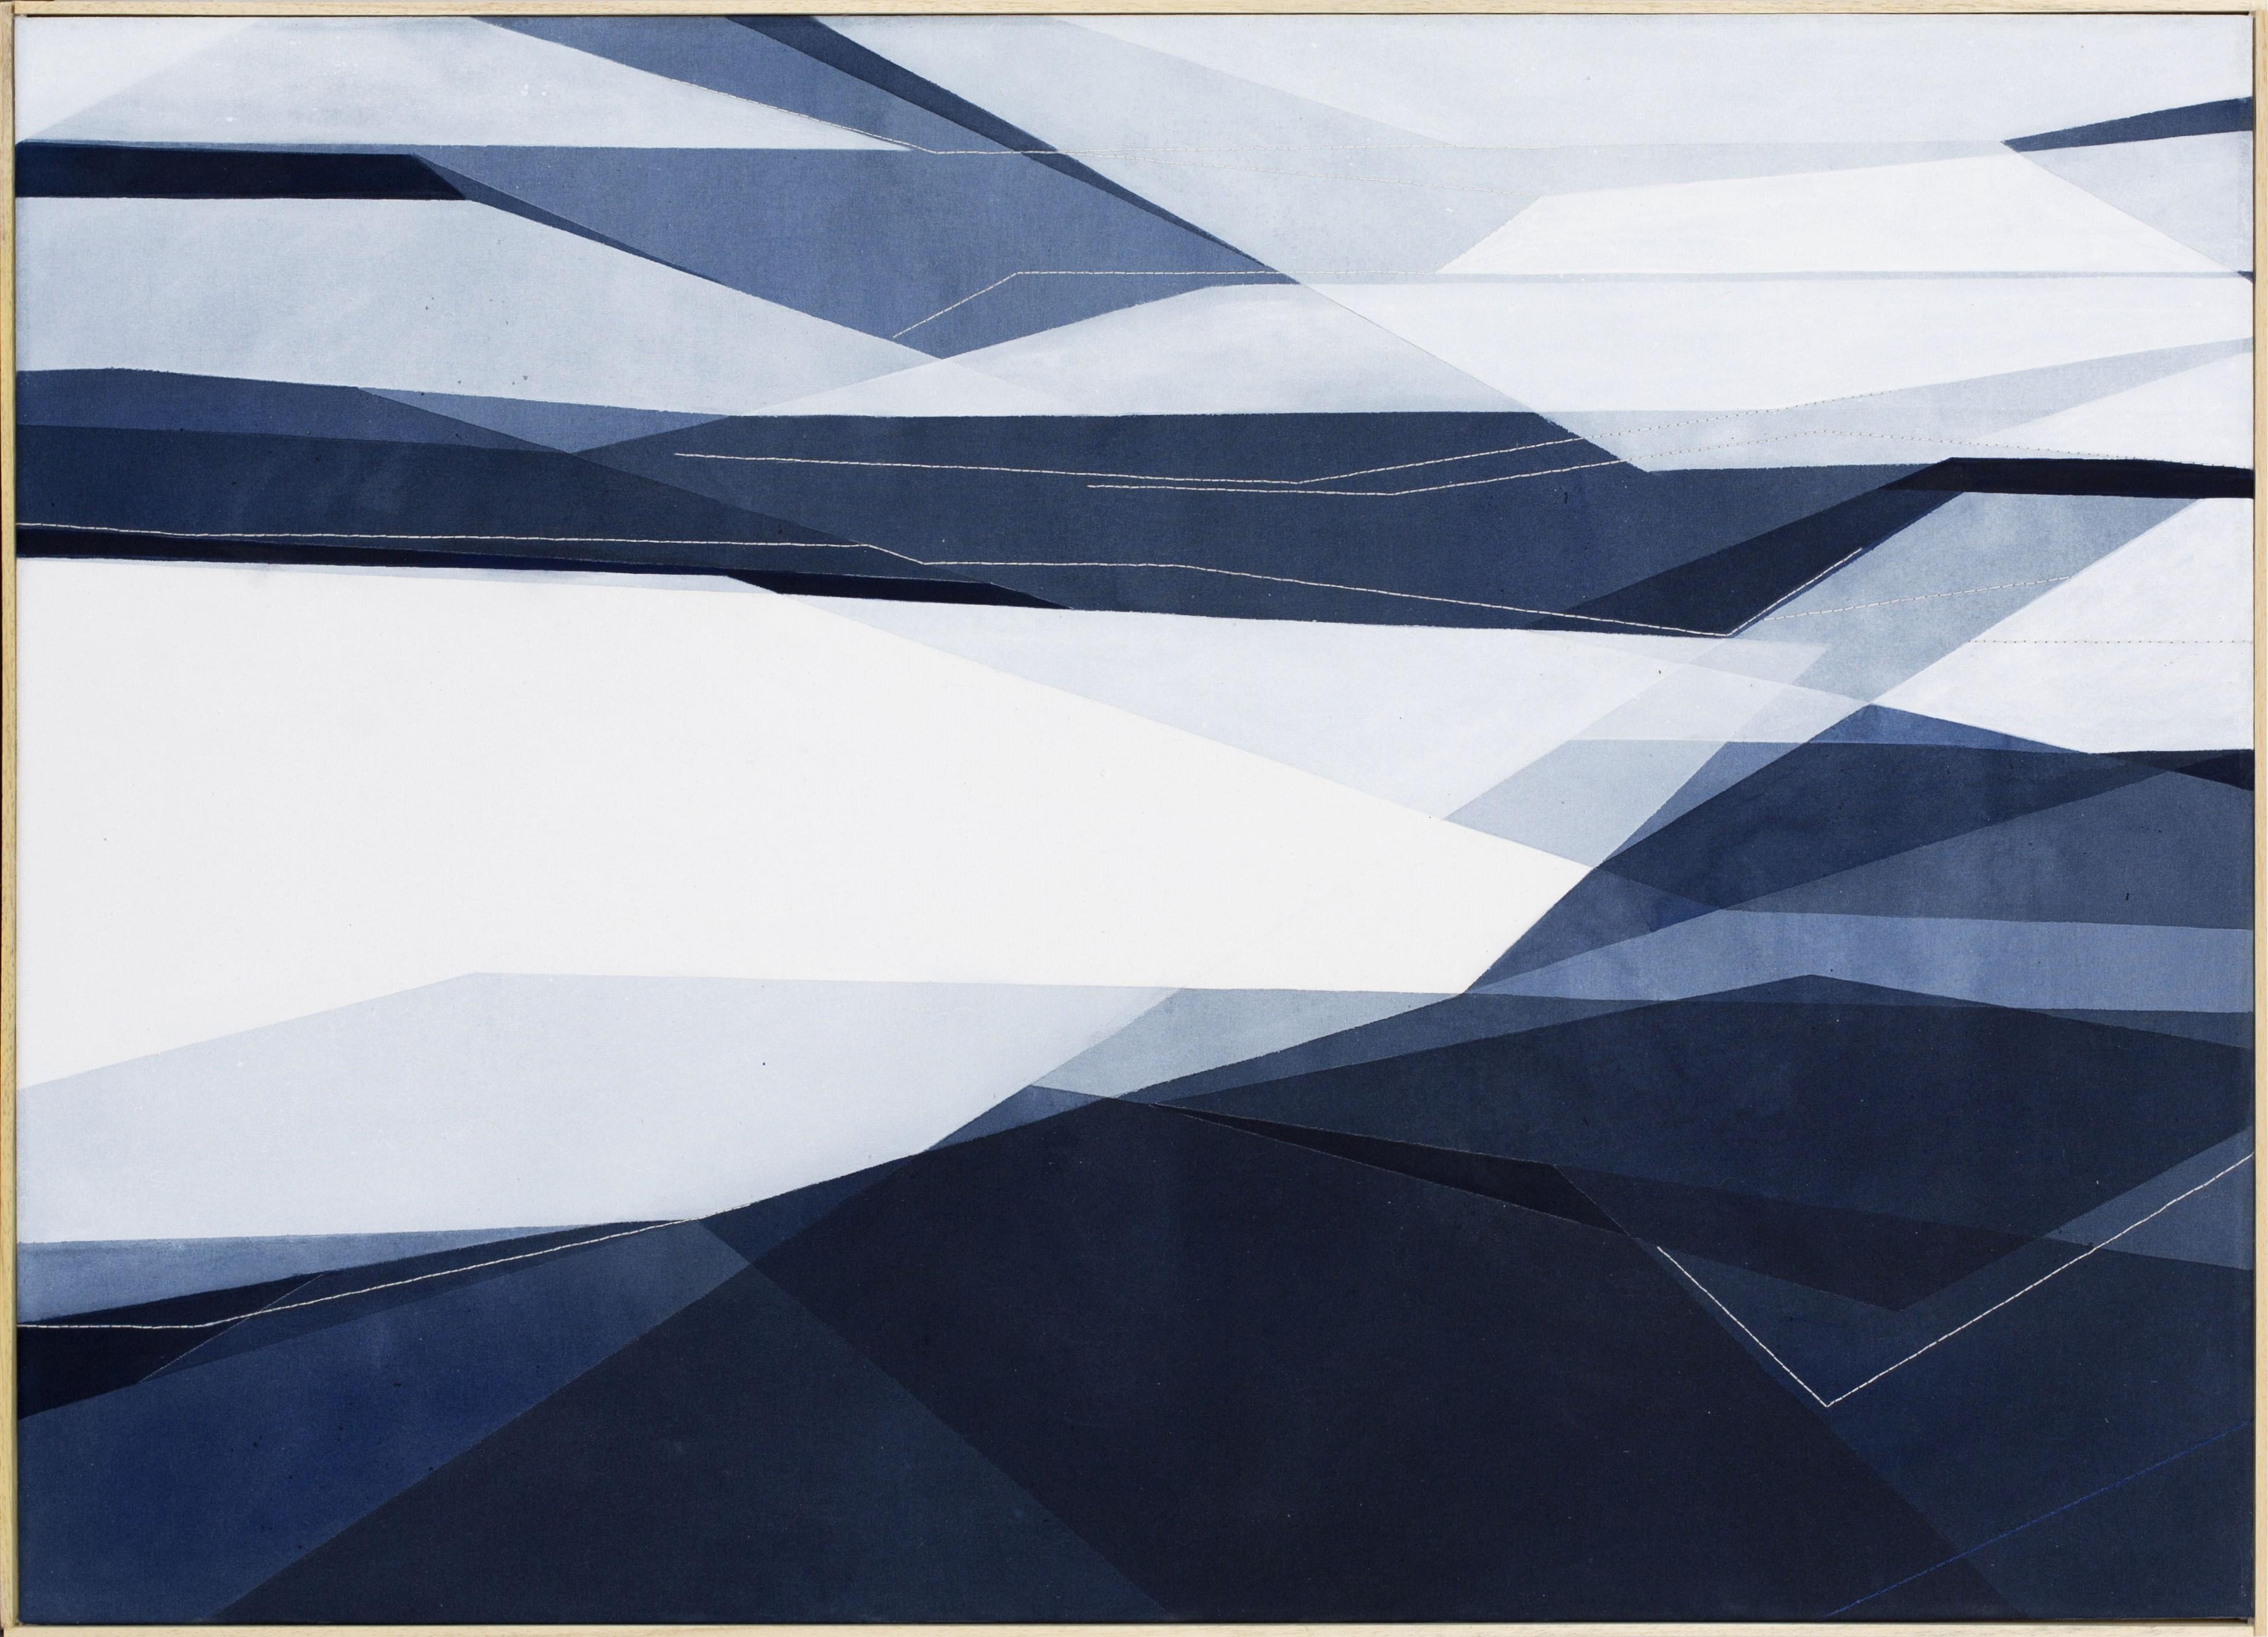 Senza Titolo, 65x90cm 2017. Acrilico acquerellato e tessiture su tela - Watercolour on acrylic and weaving on canvas. | Ph: Andrea Sartori